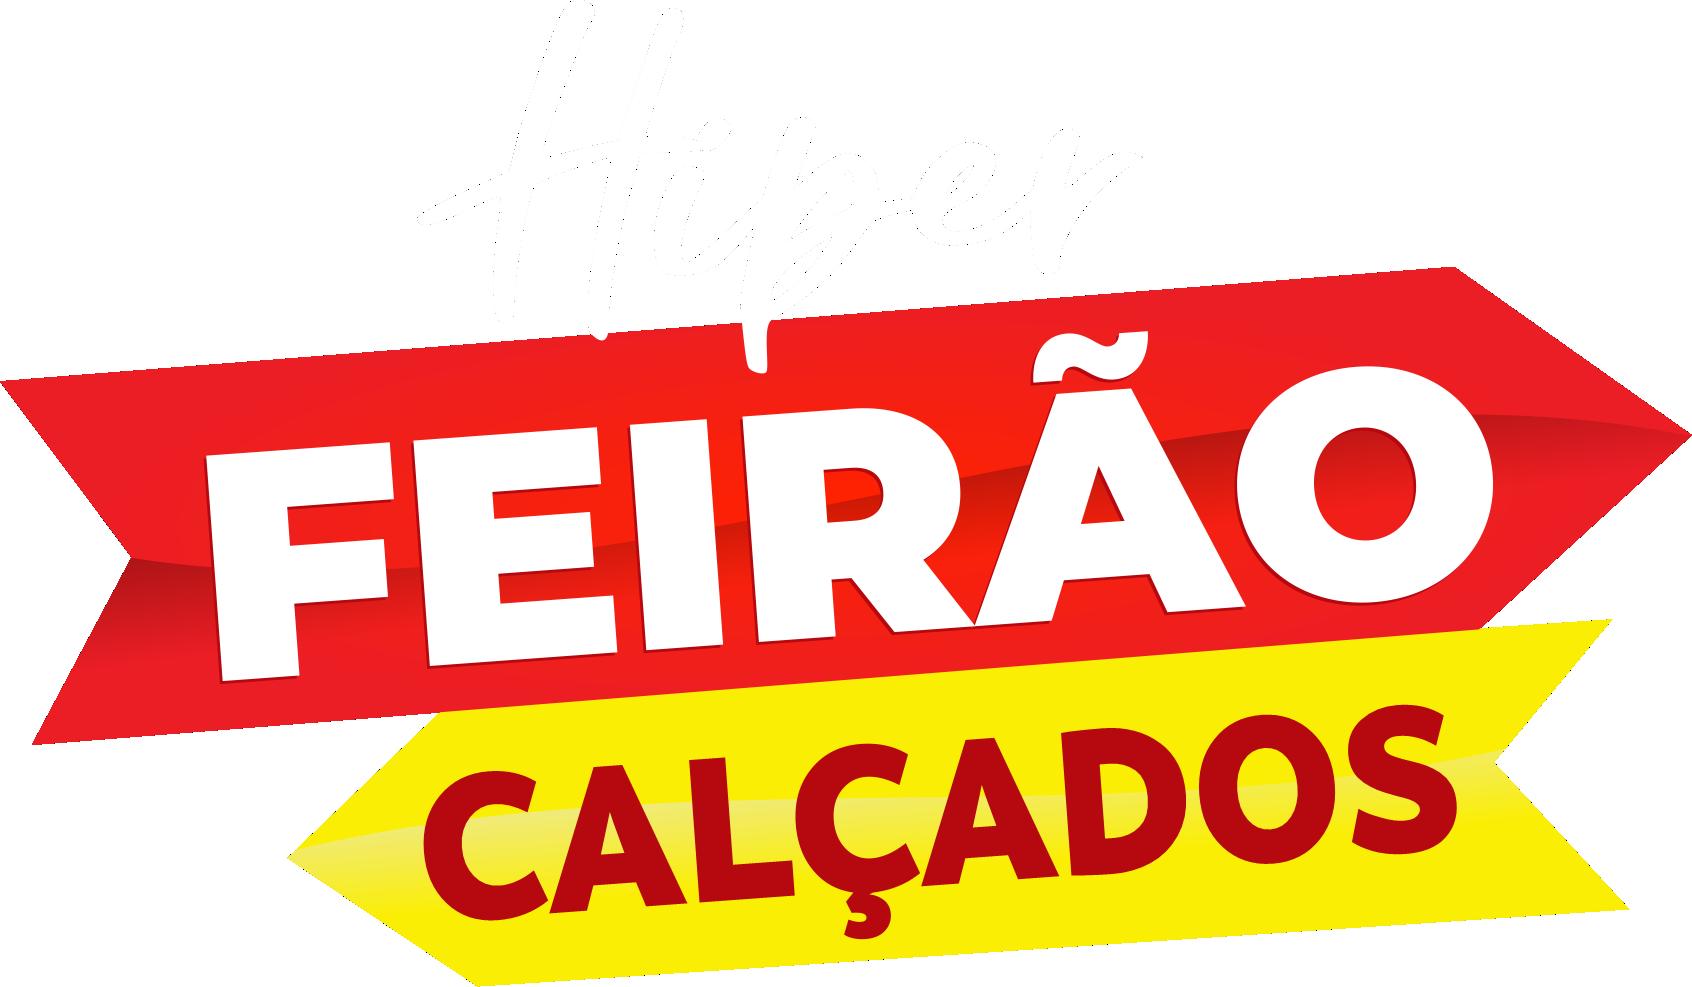 Hiper Feirao Calcados